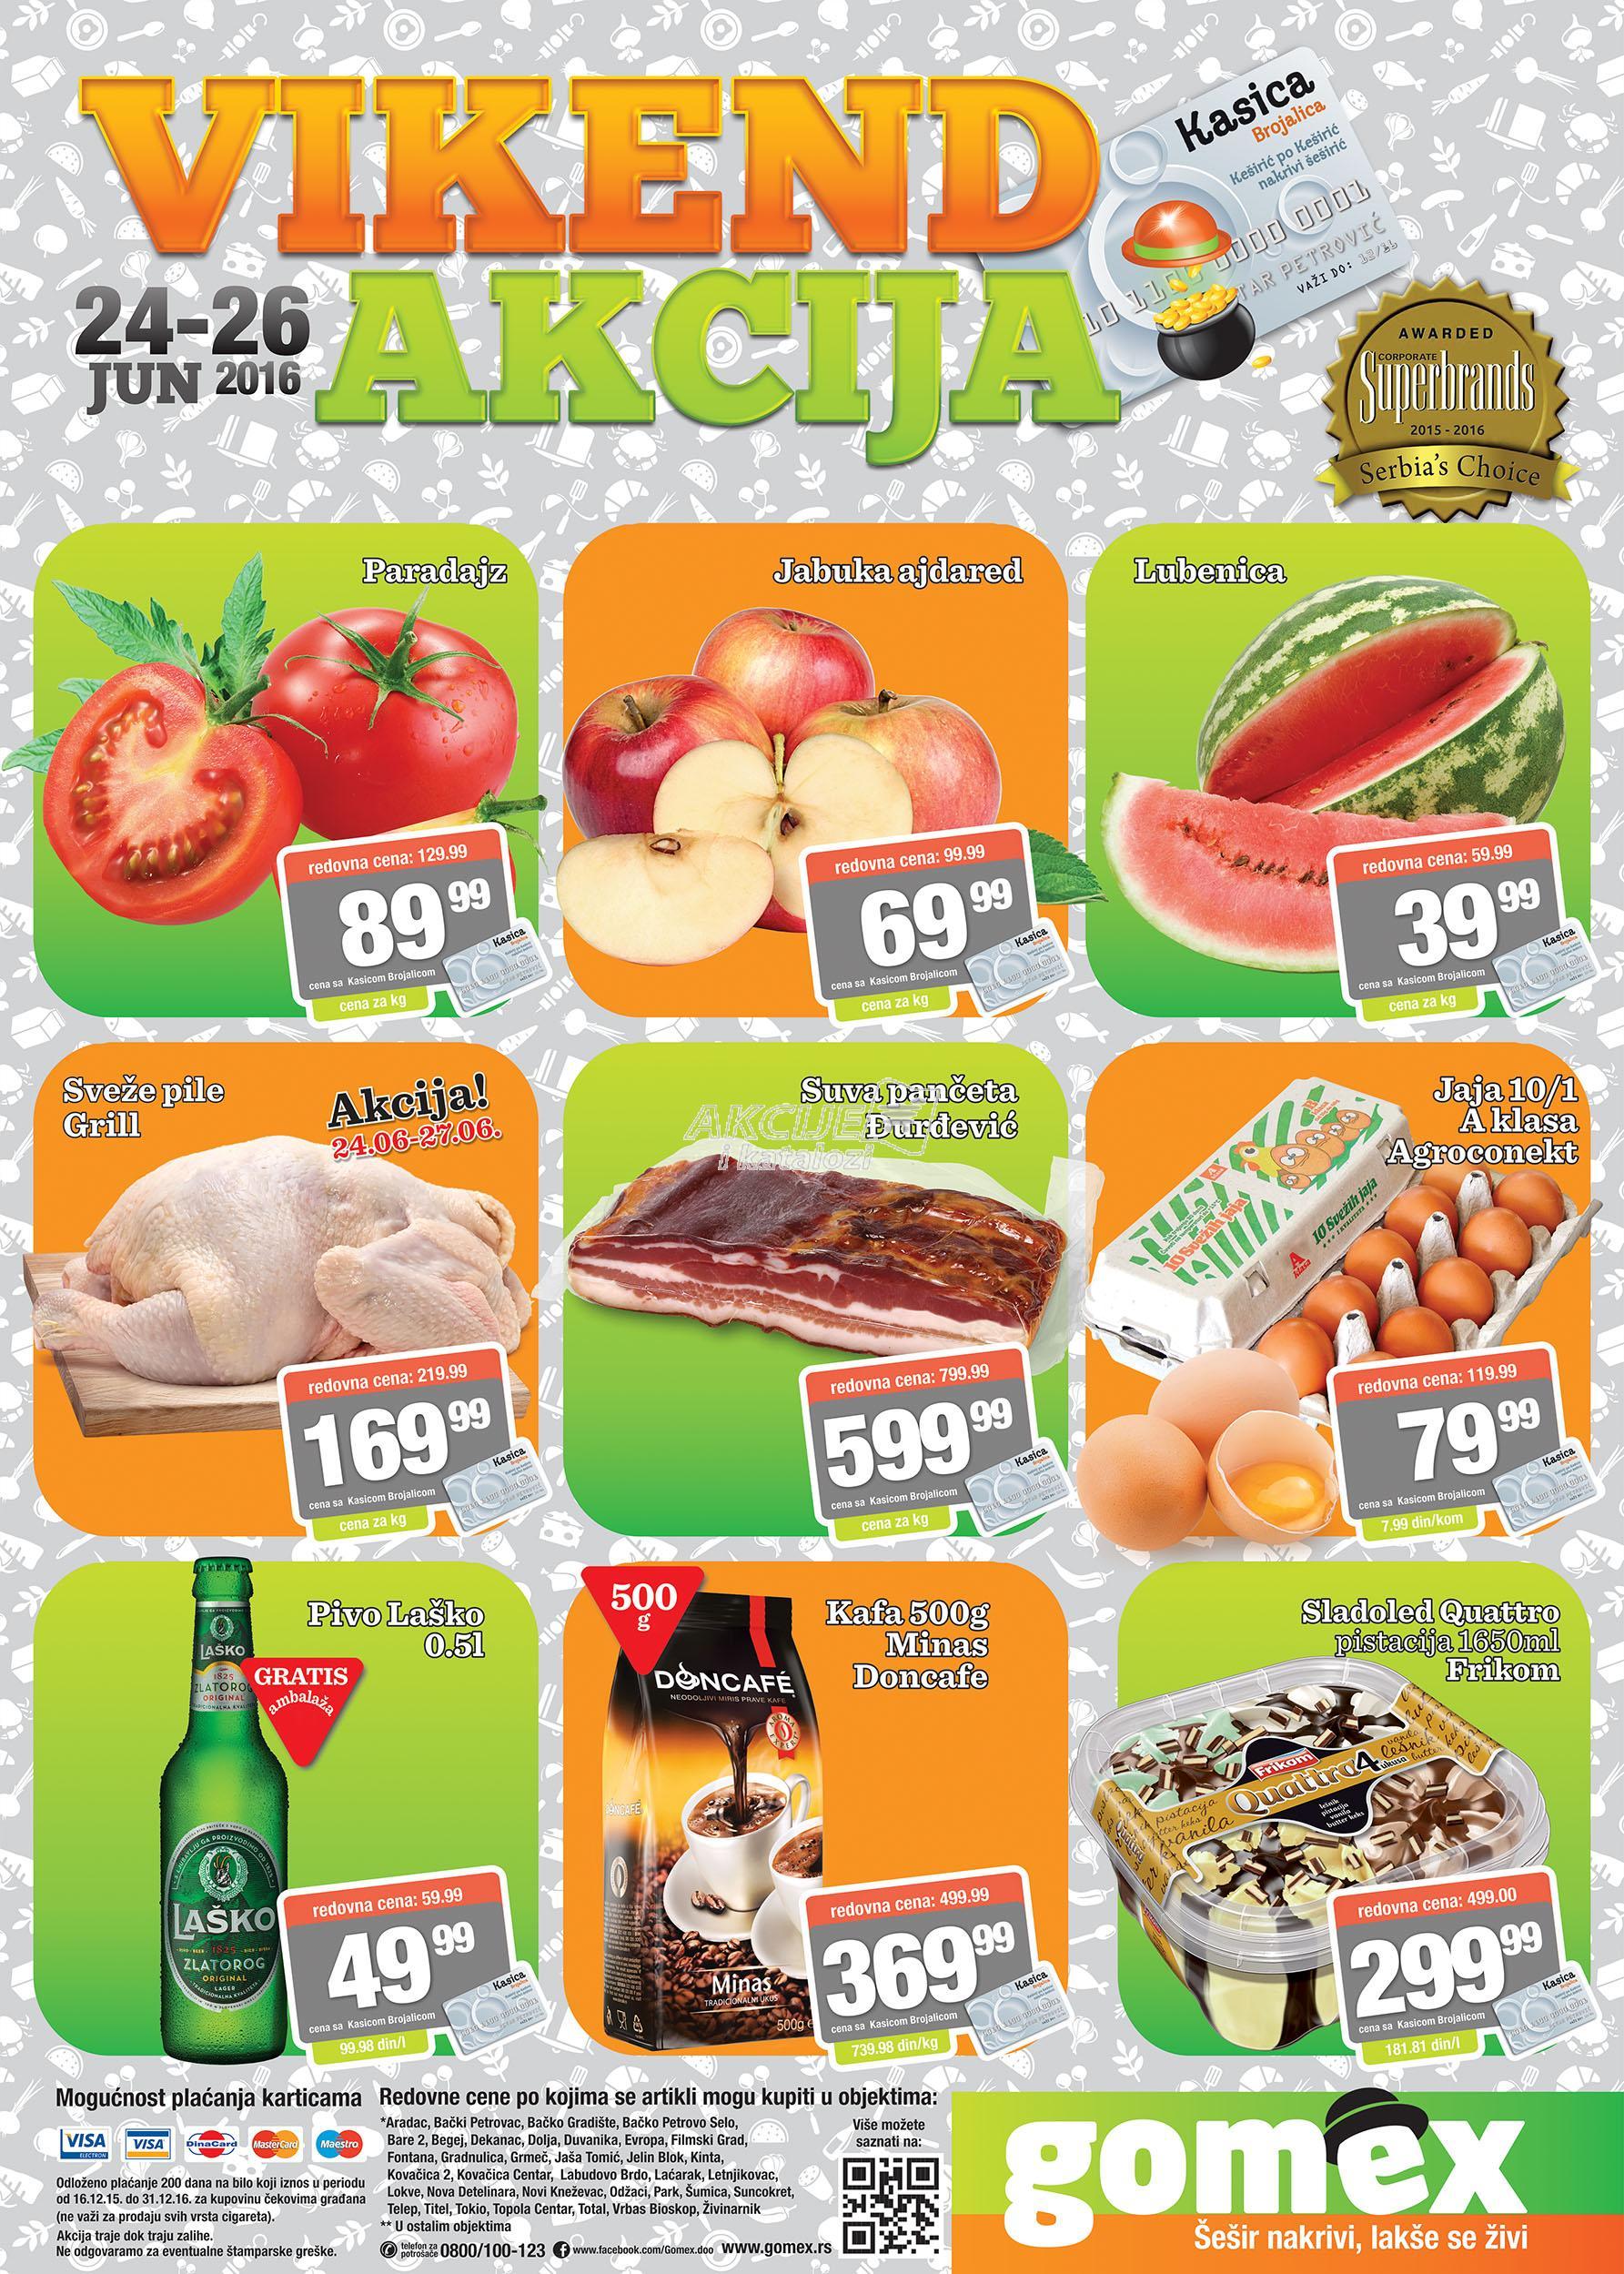 Gomex akcija vikend super cena